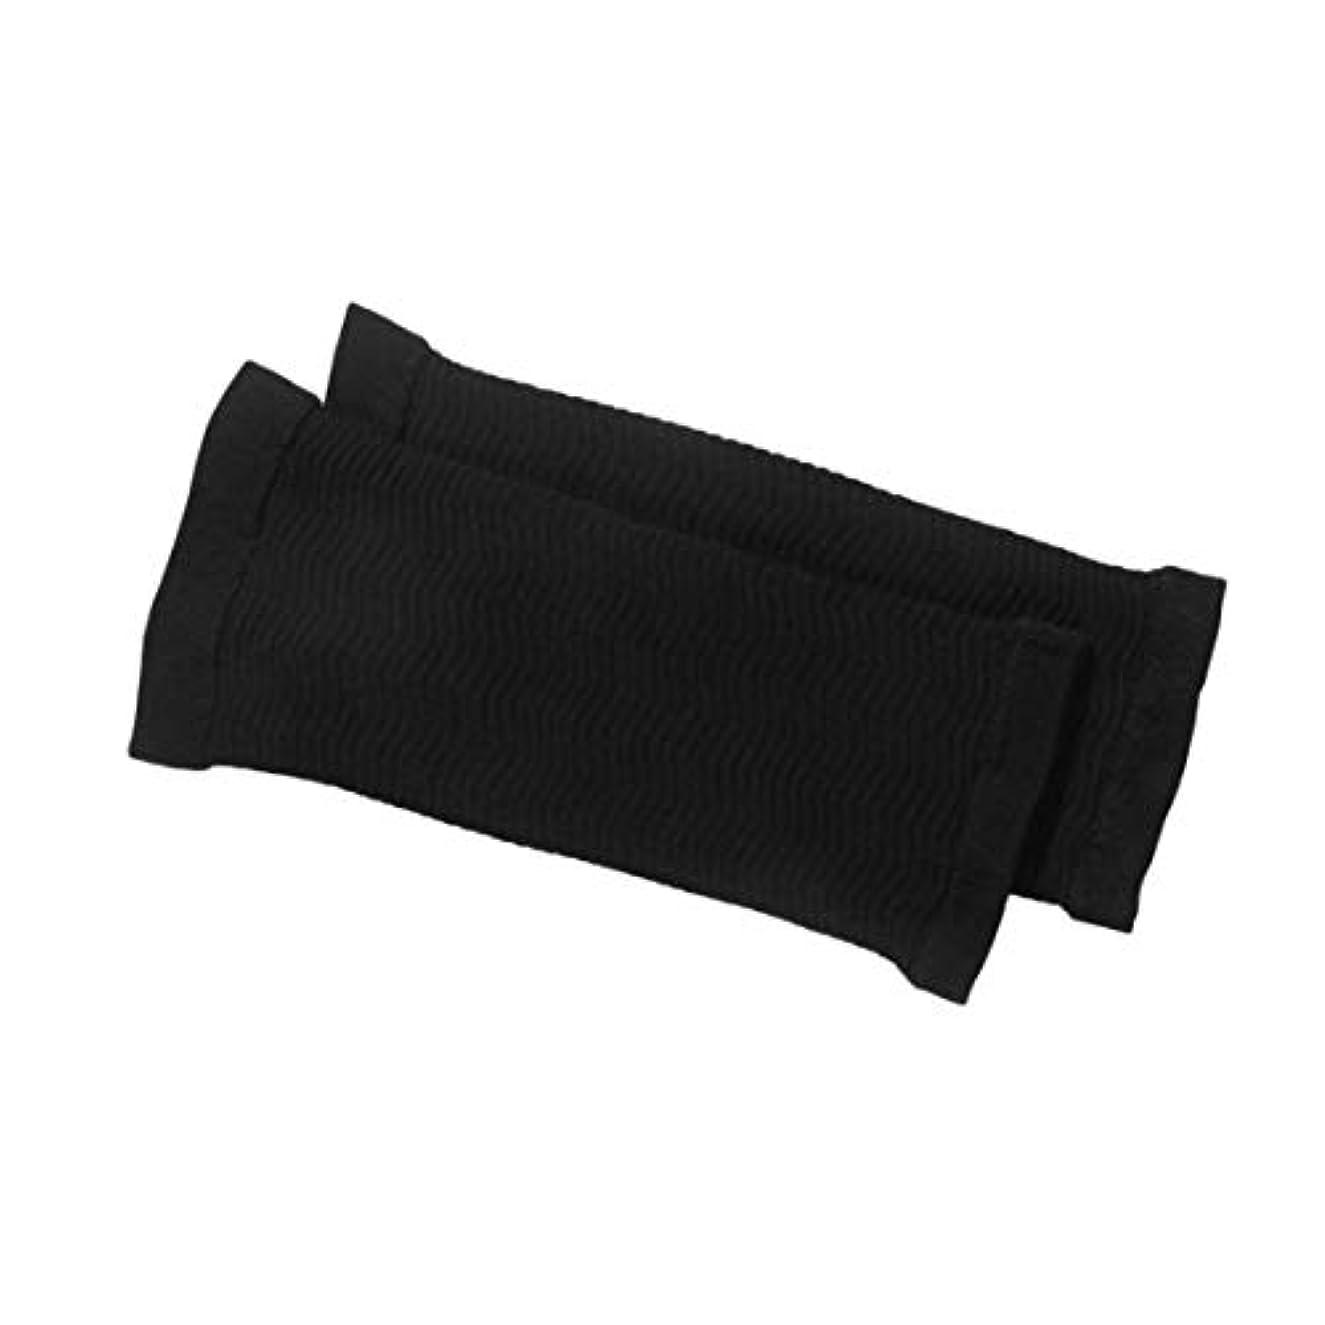 ミリメートルハント以降1ペア420 D圧縮痩身アームスリーブワークアウトトーニングバーンセルライトシェイパー脂肪燃焼袖用女性 - 黒